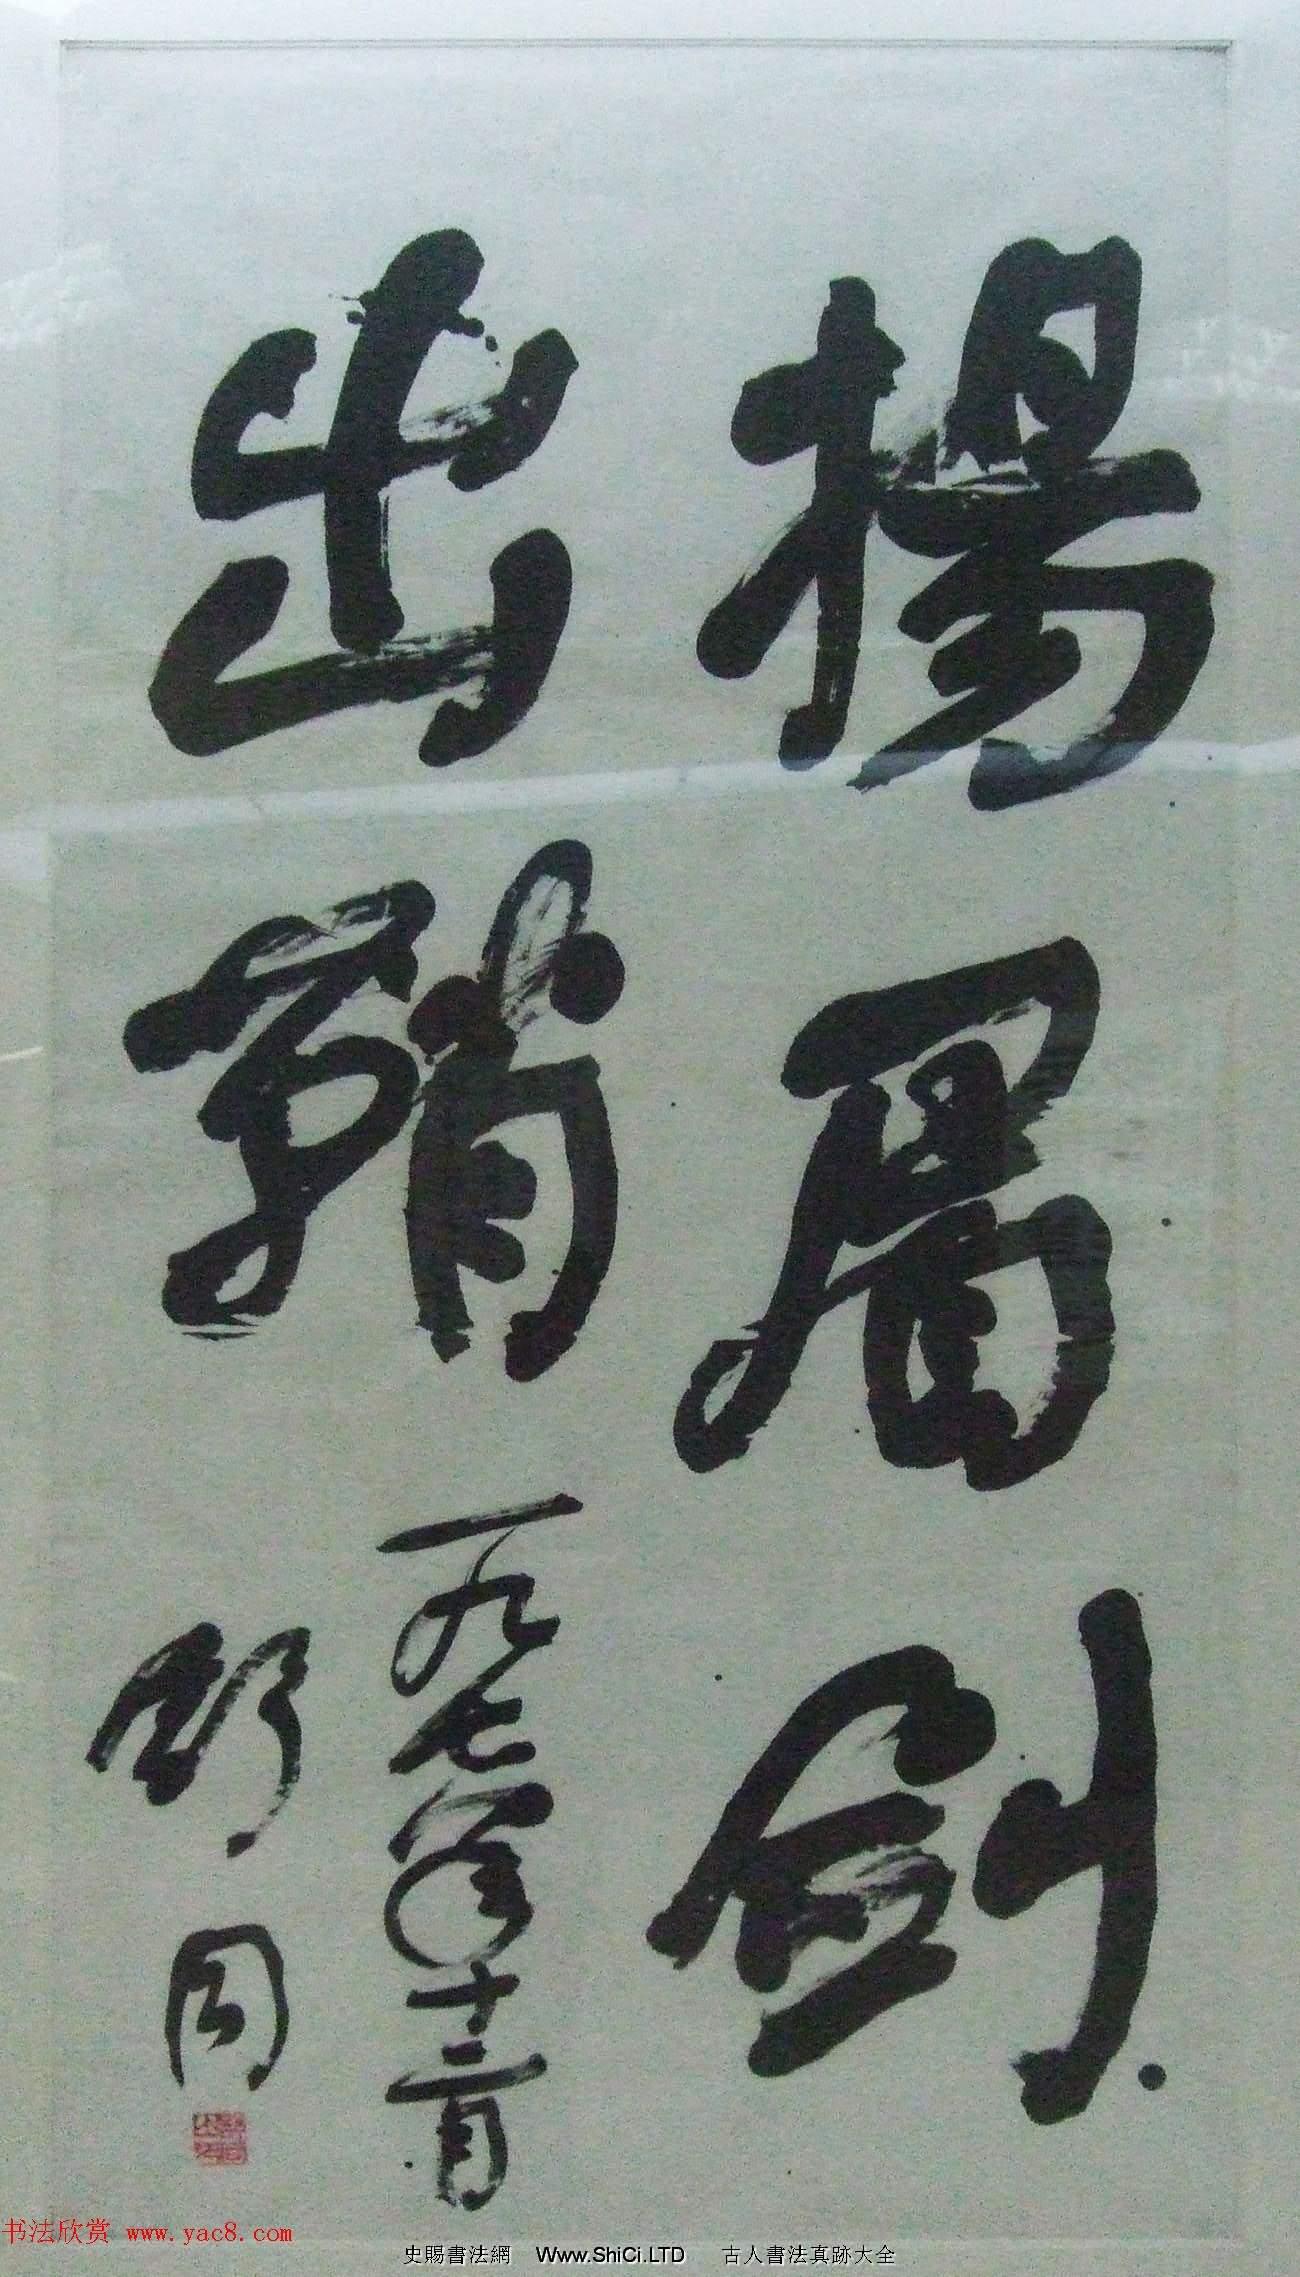 書法精品佳作欣賞_李鐸書法作品和收藏品展覽